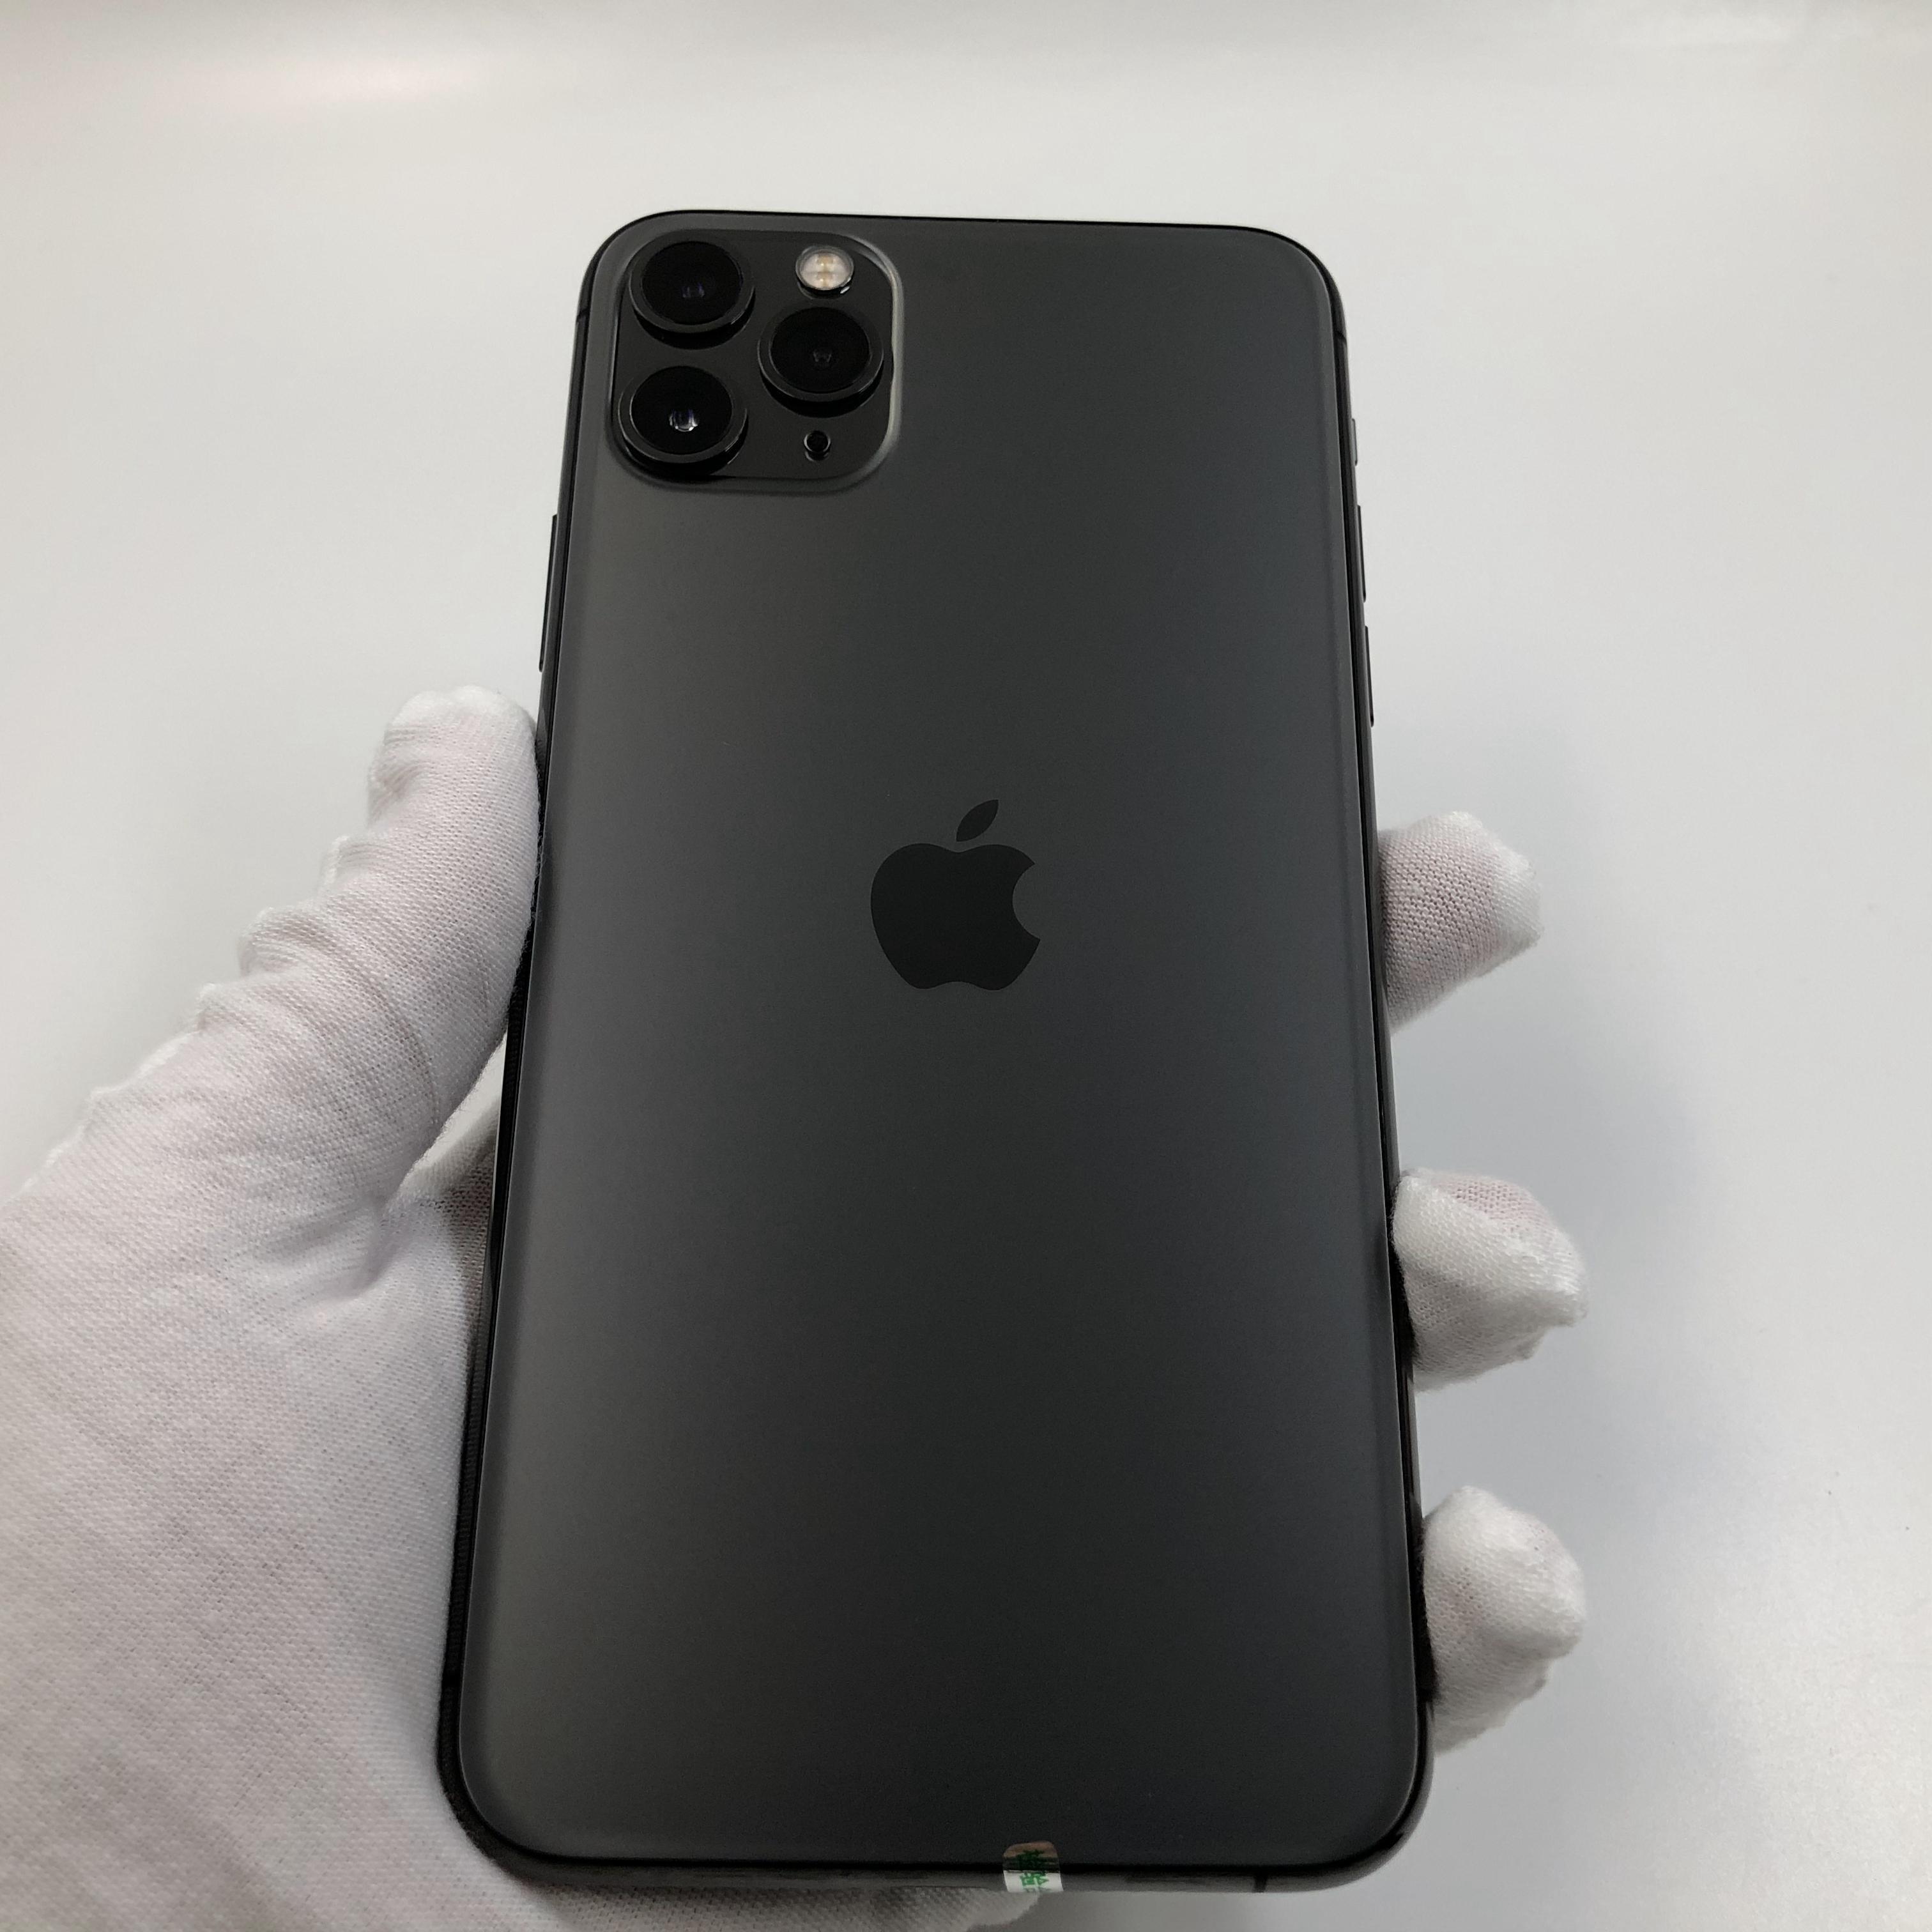 苹果【iPhone 11 Pro Max】4G全网通 深空灰 256G 国行 8成新 真机实拍